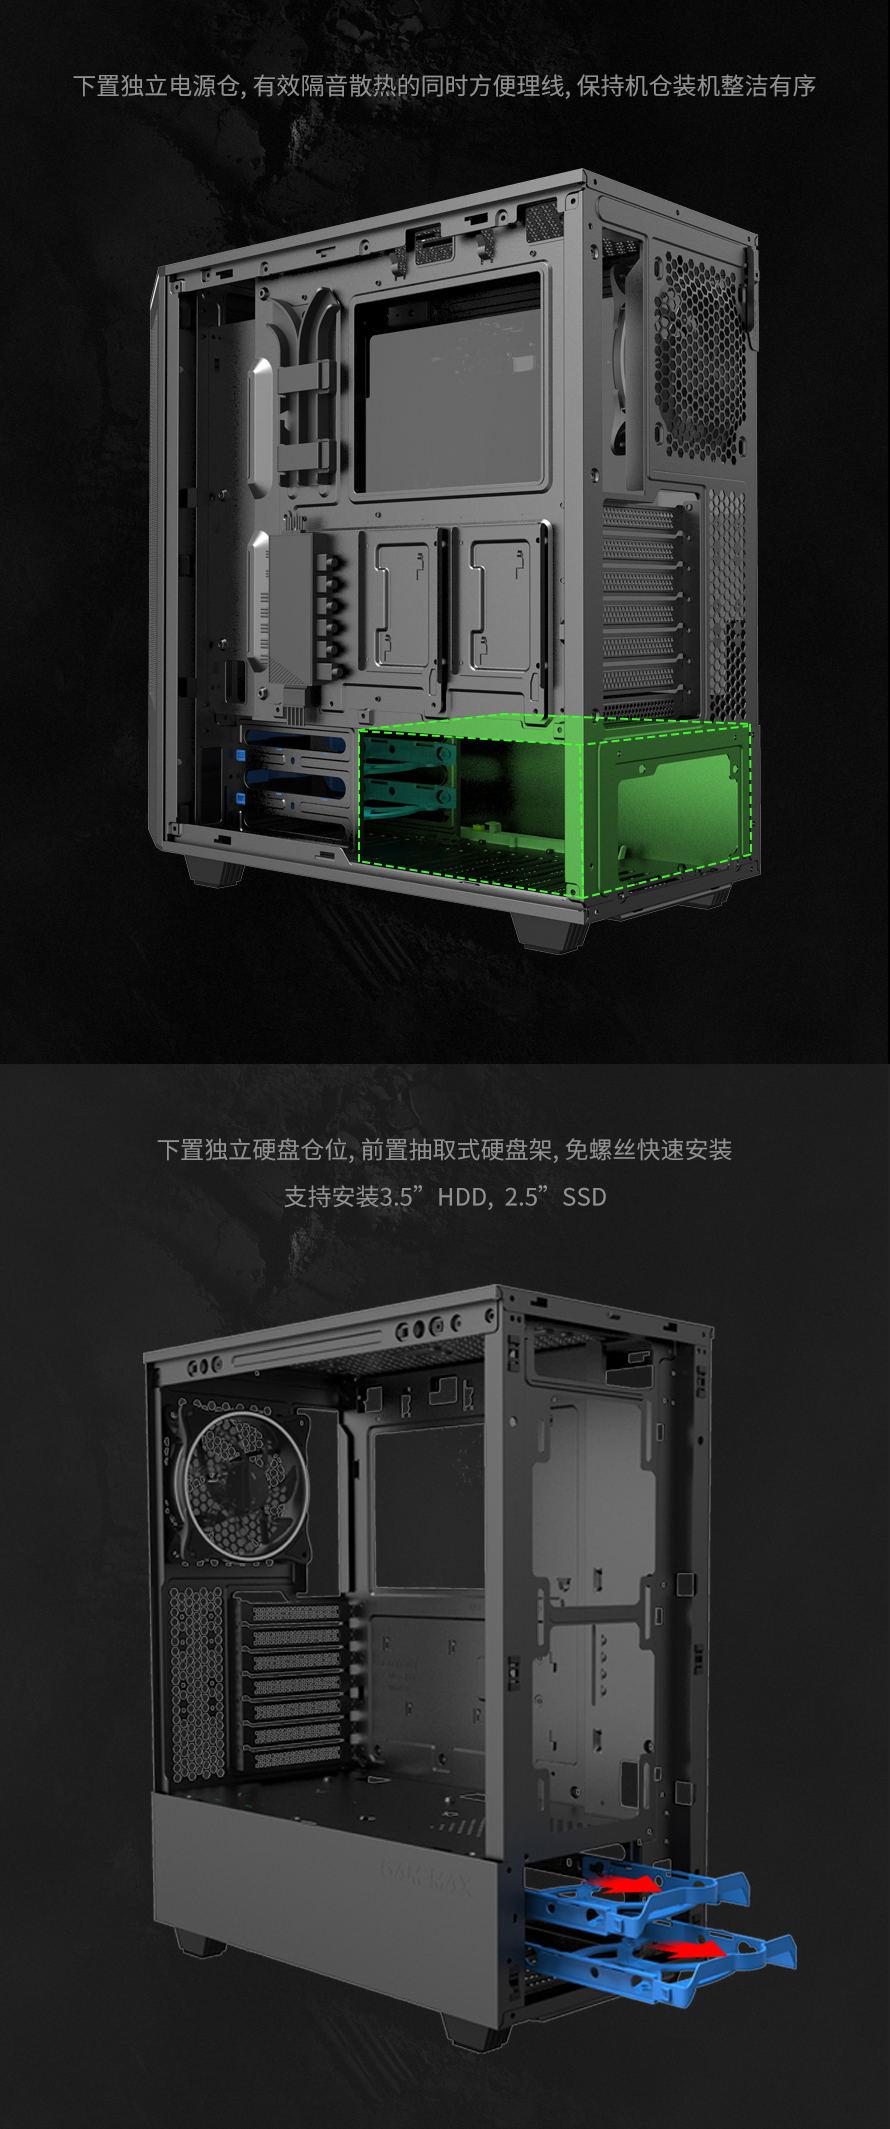 T801_Paladin详情页中文222_01.jpg